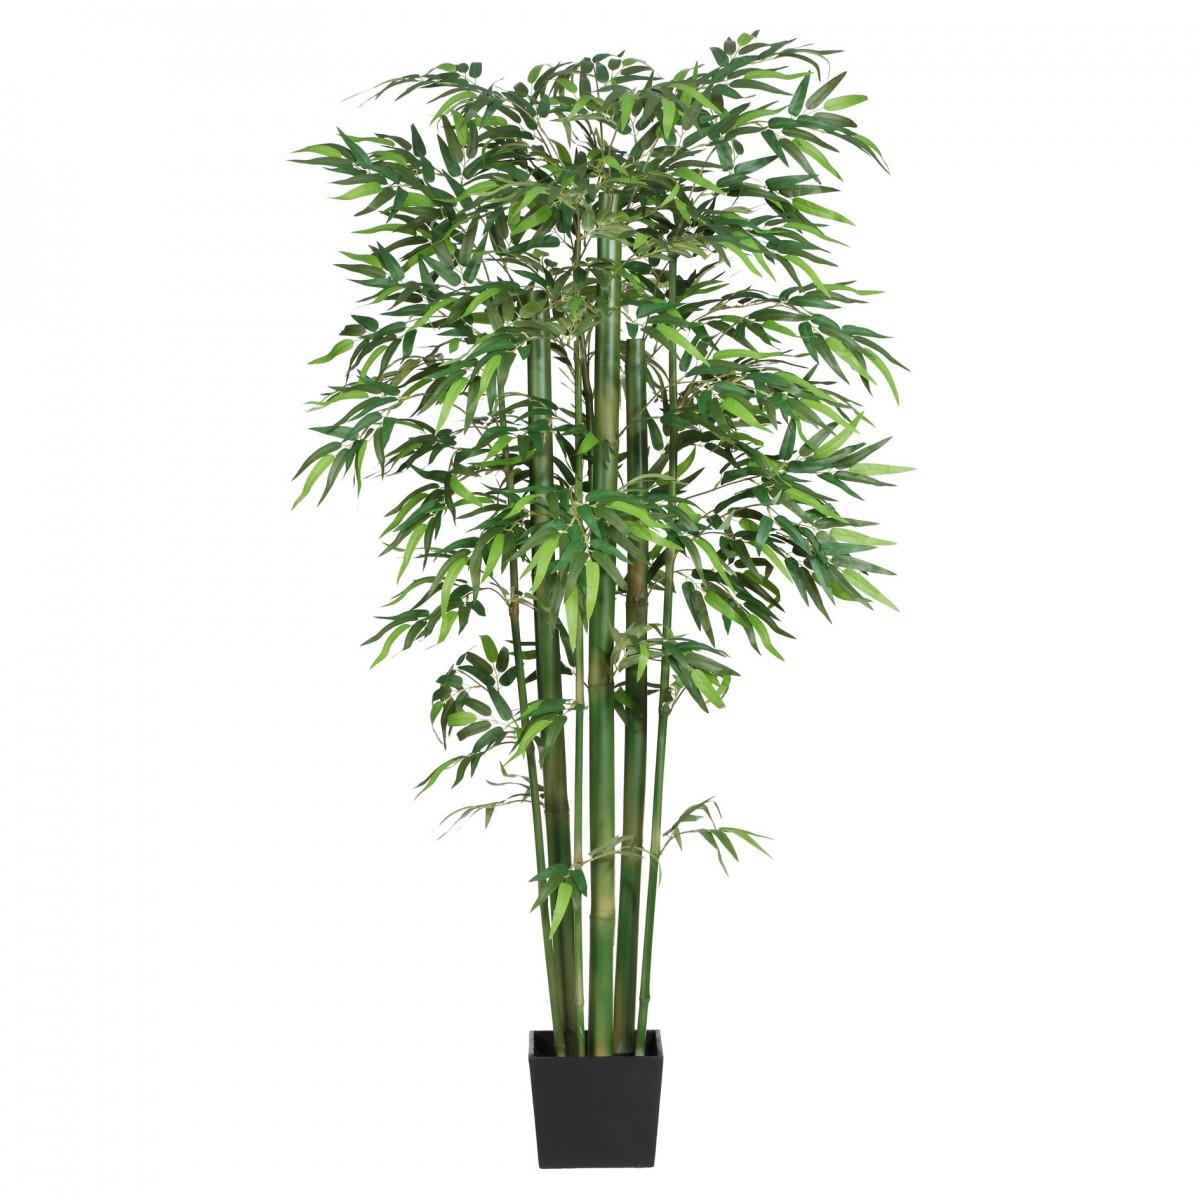 mix bambus kunstpflanze 210cm im holzk bel ebay. Black Bedroom Furniture Sets. Home Design Ideas